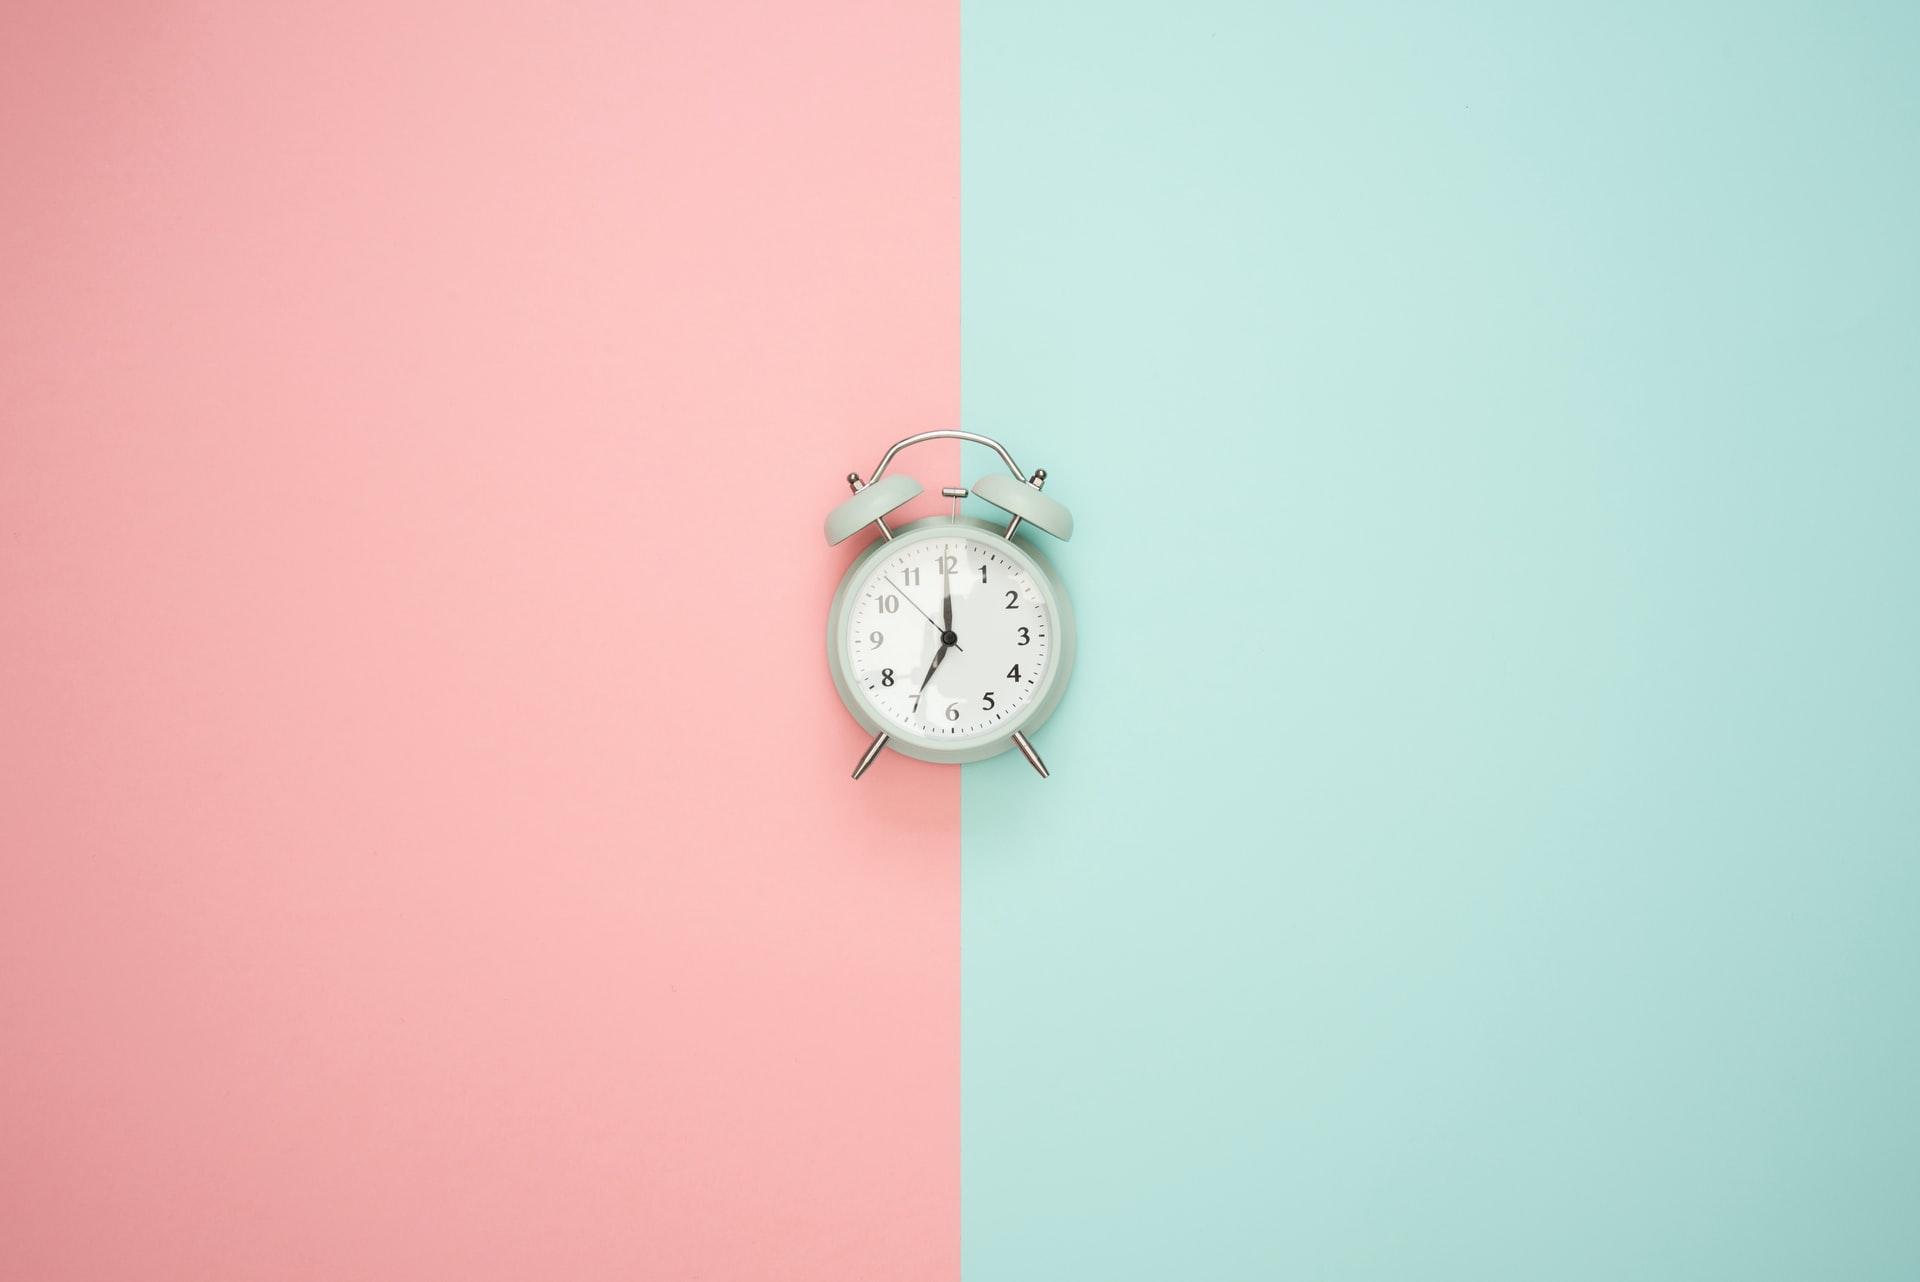 procesy frankowiczów - czemu tak długo?